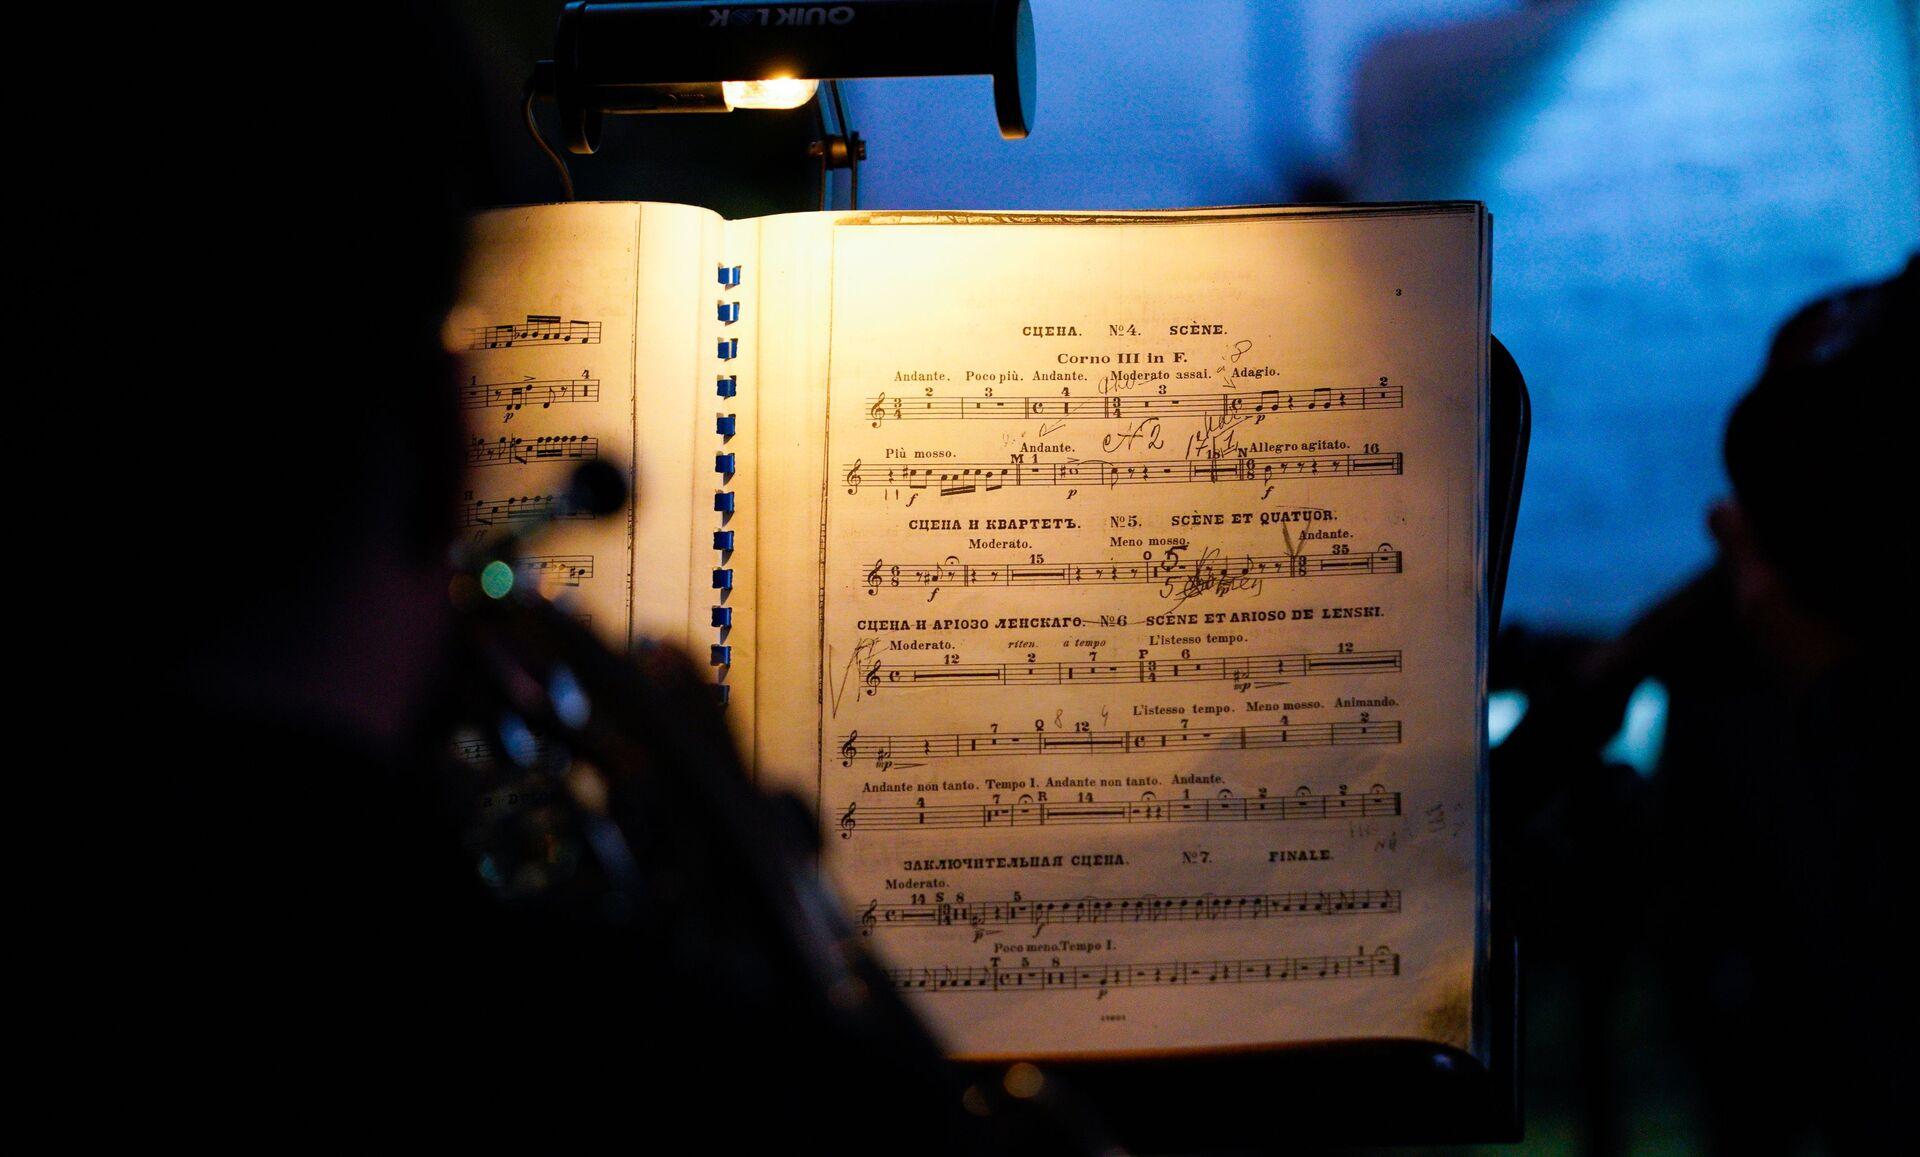 Музыкальный фестиваль Территория мира - территория музыки в Калининграде - Sputnik Южная Осетия, 1920, 26.10.2021